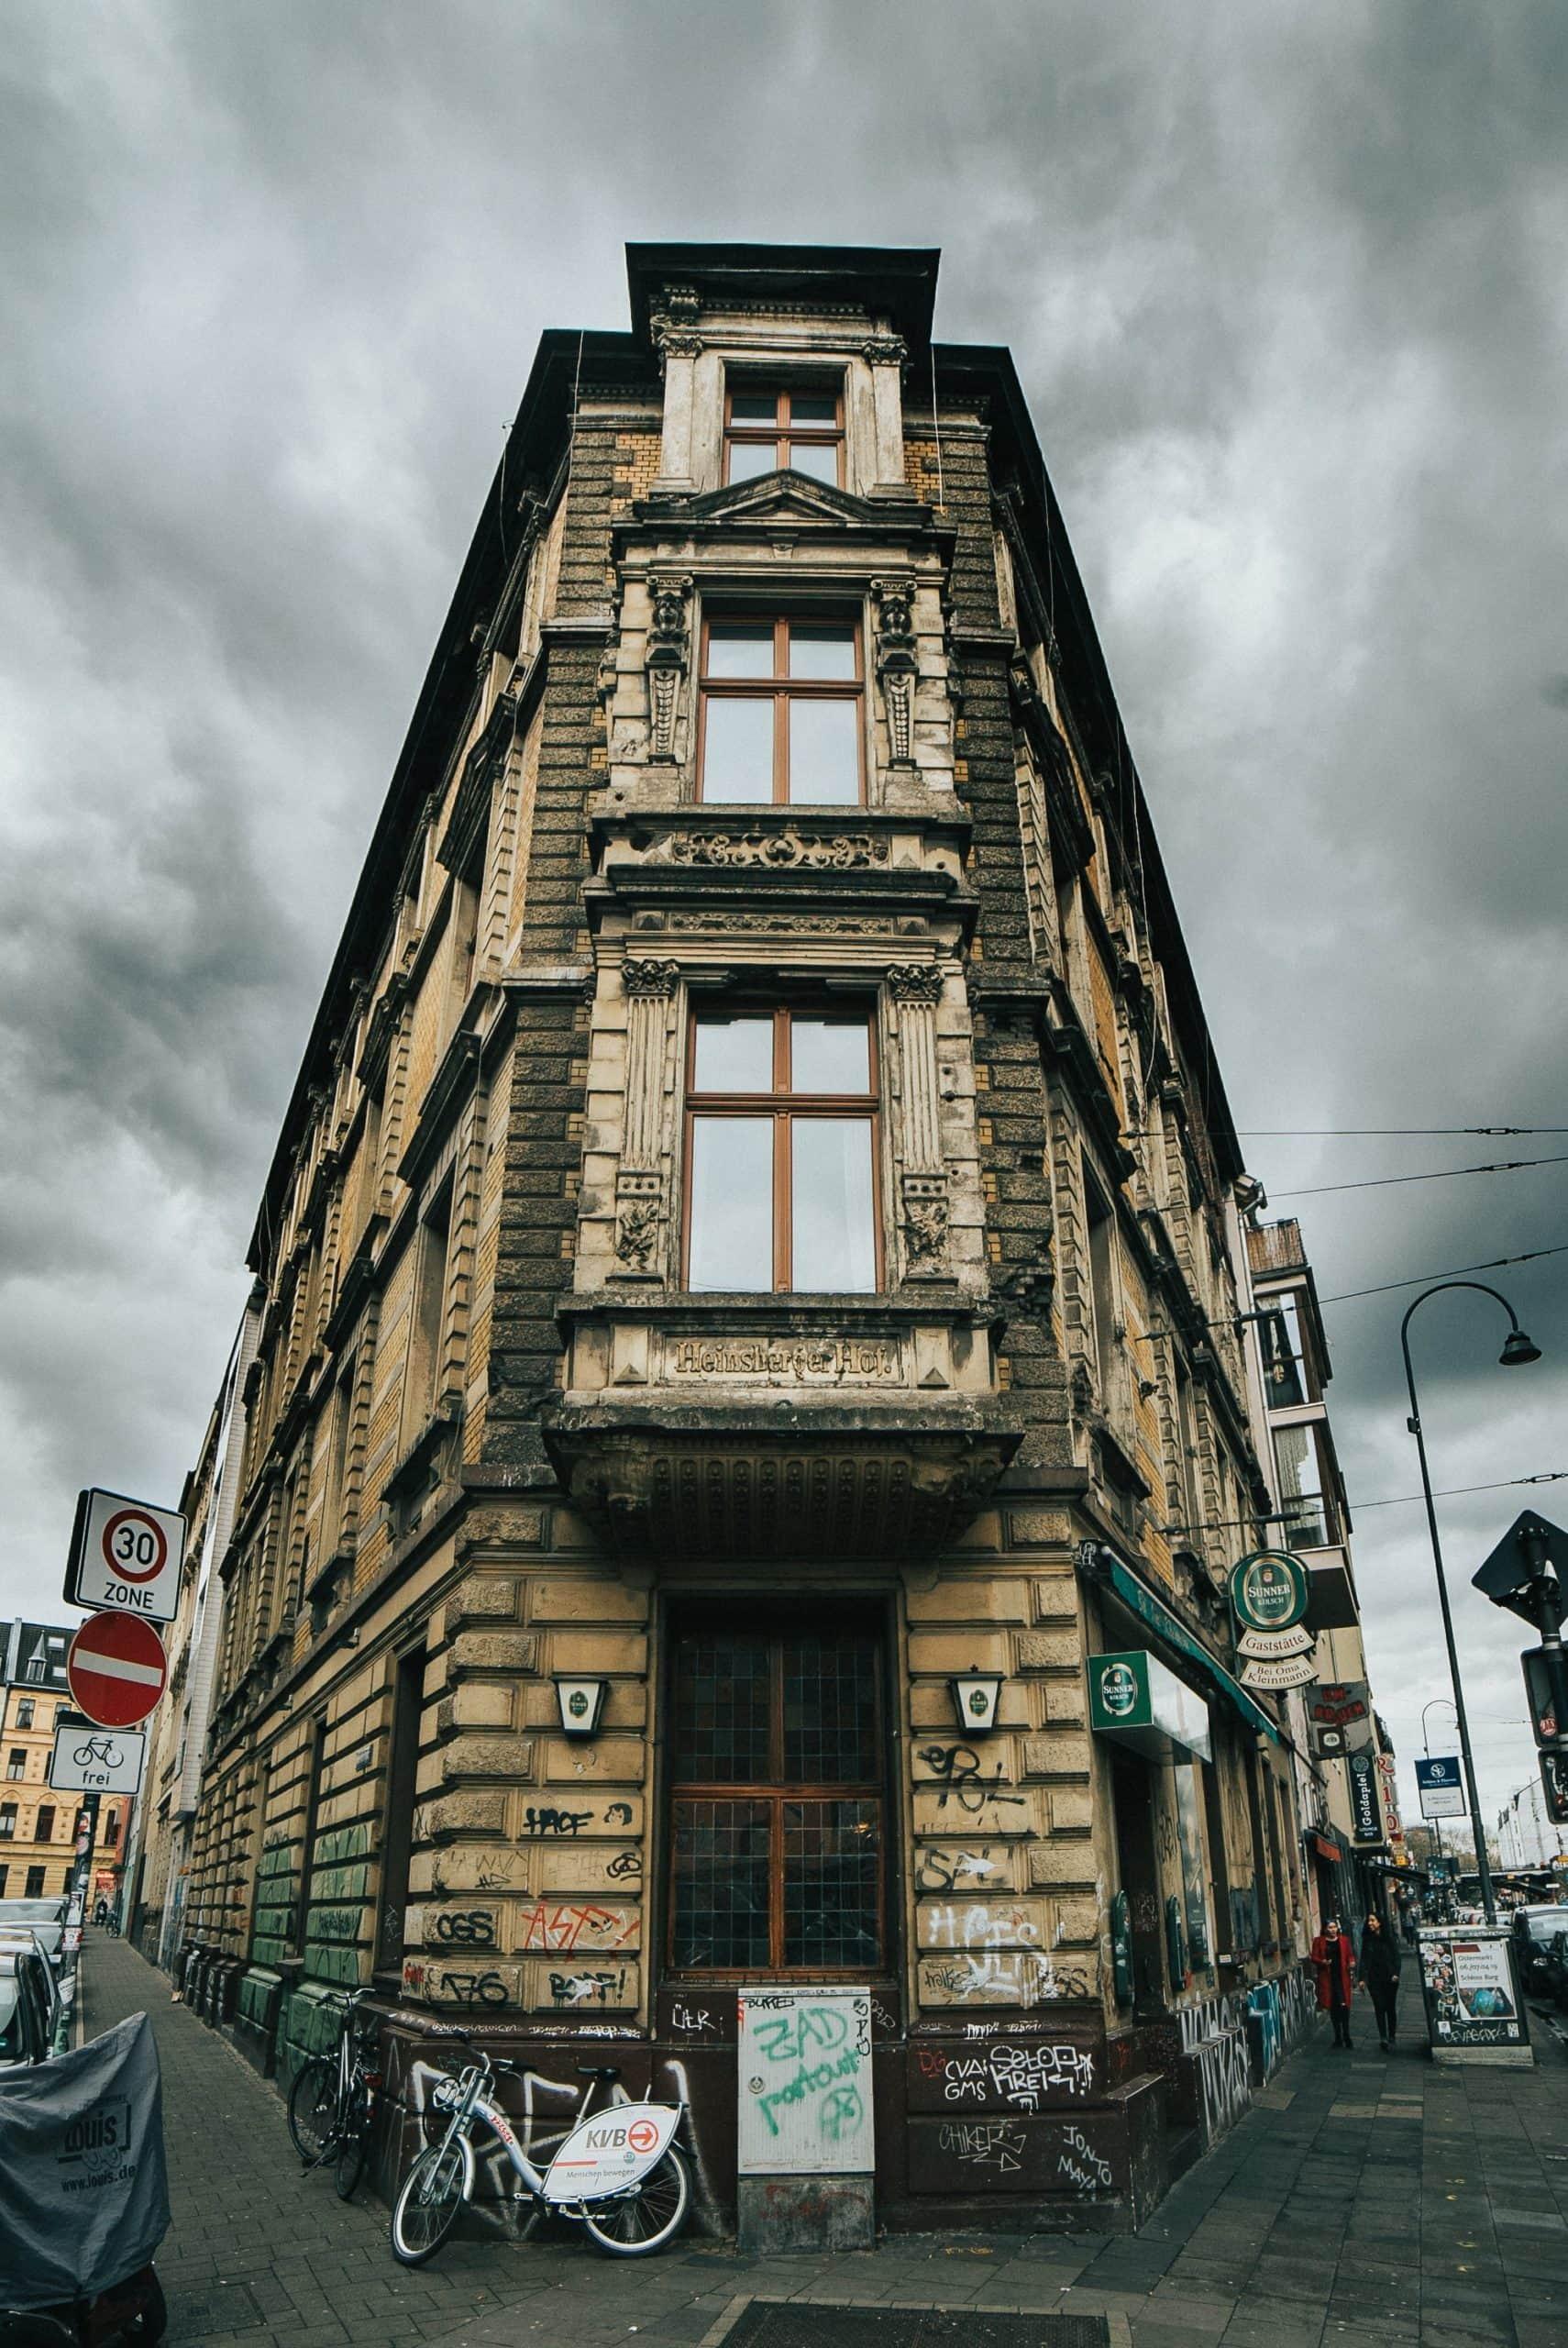 Eck-Kneipe auf der Zülpicher Straße in Köln